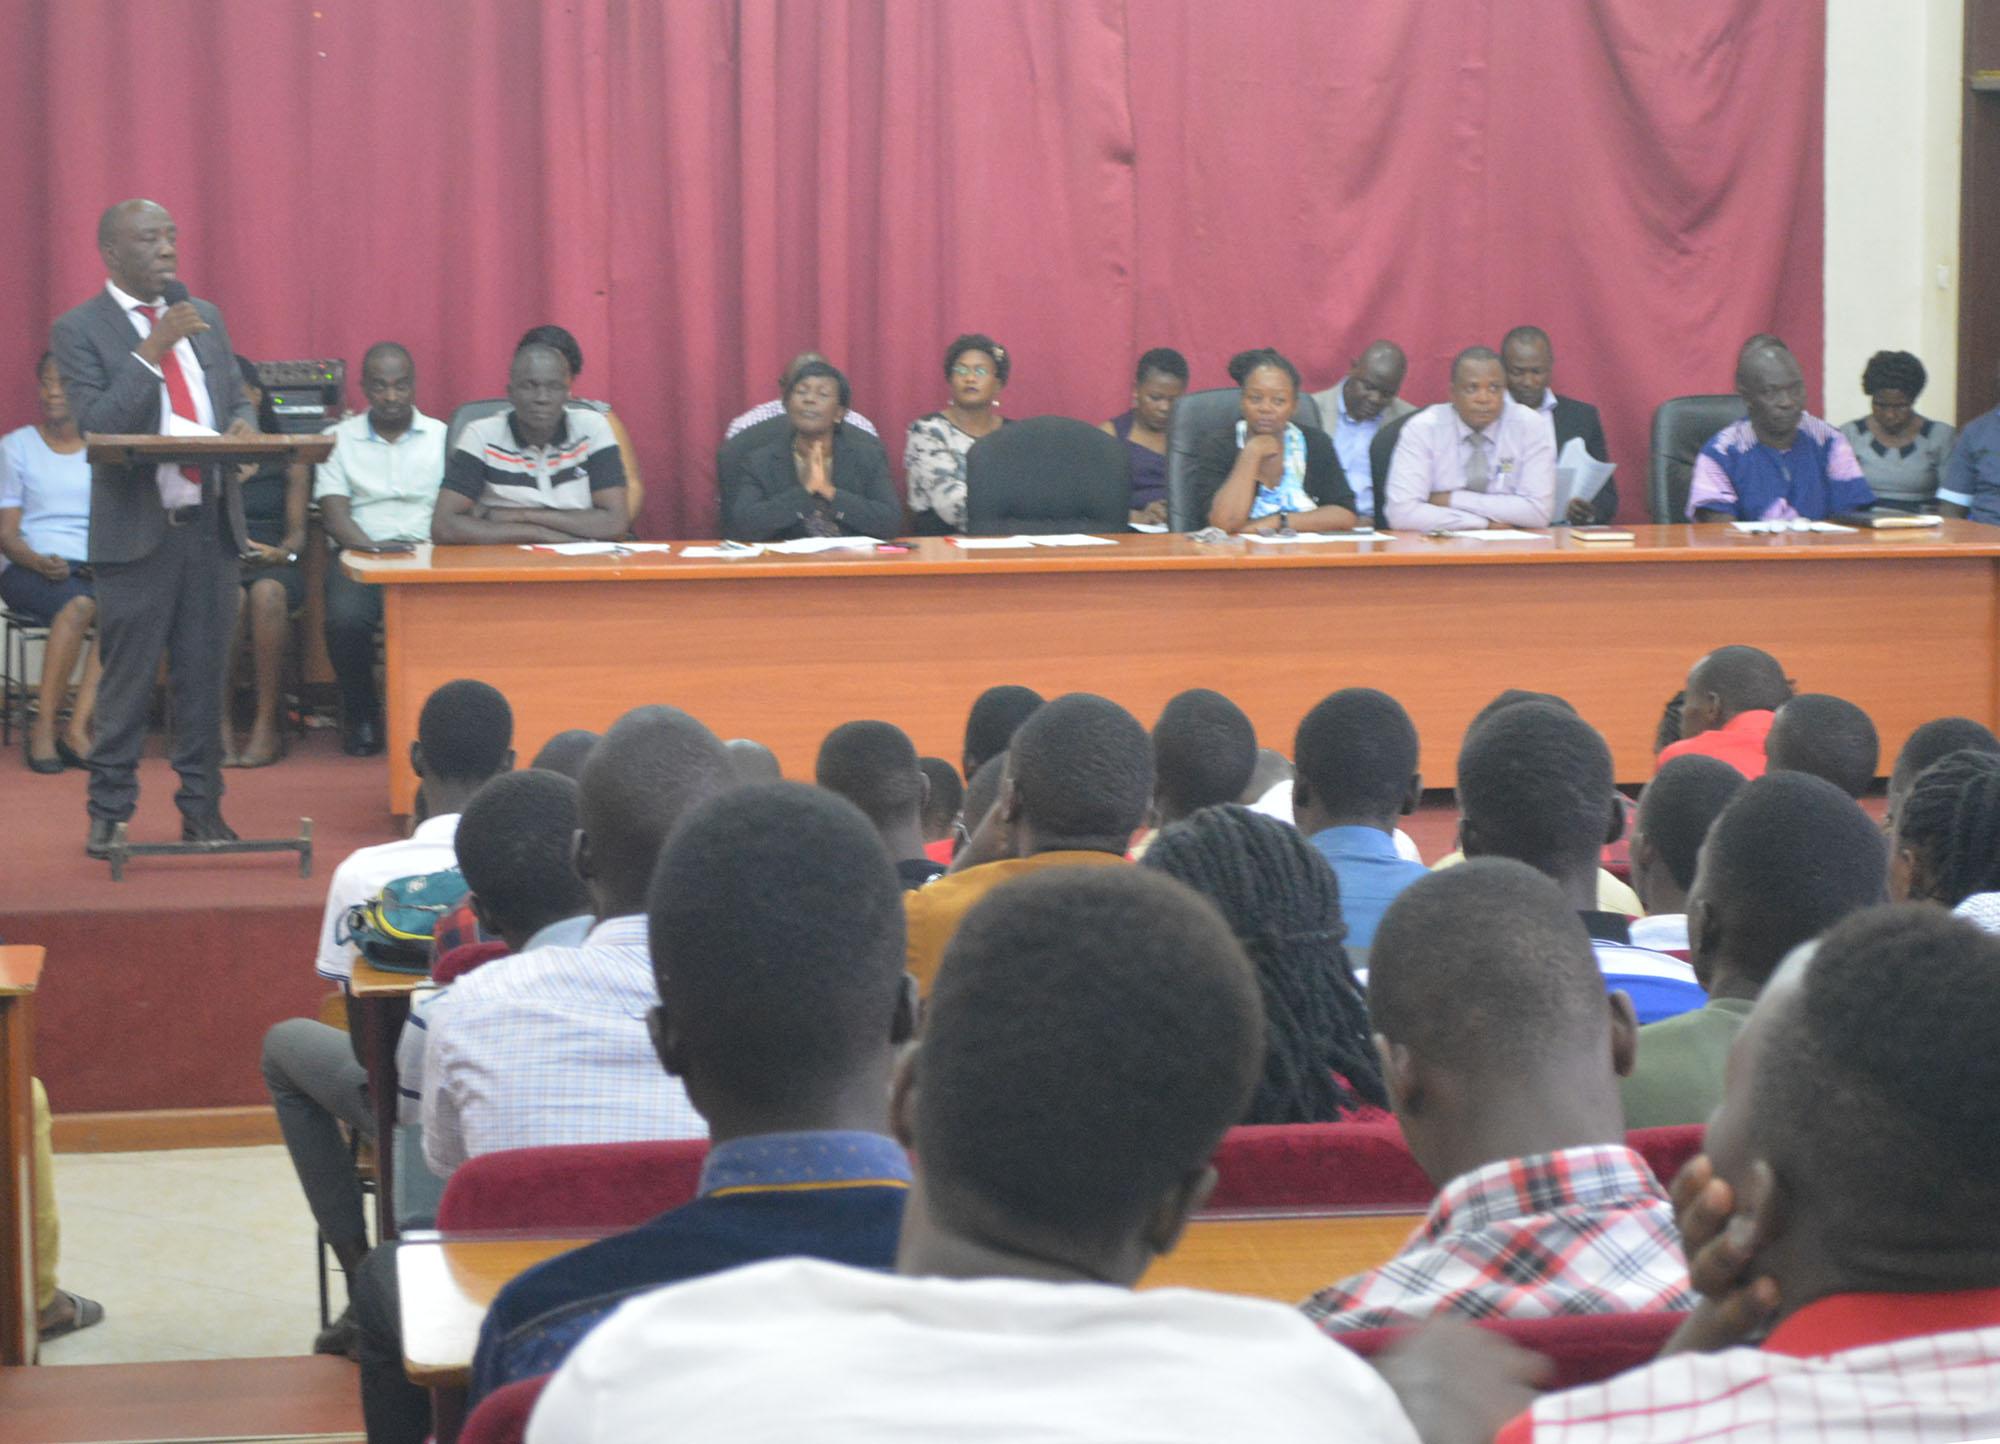 Prof. Alinaitwe addresses the freshers